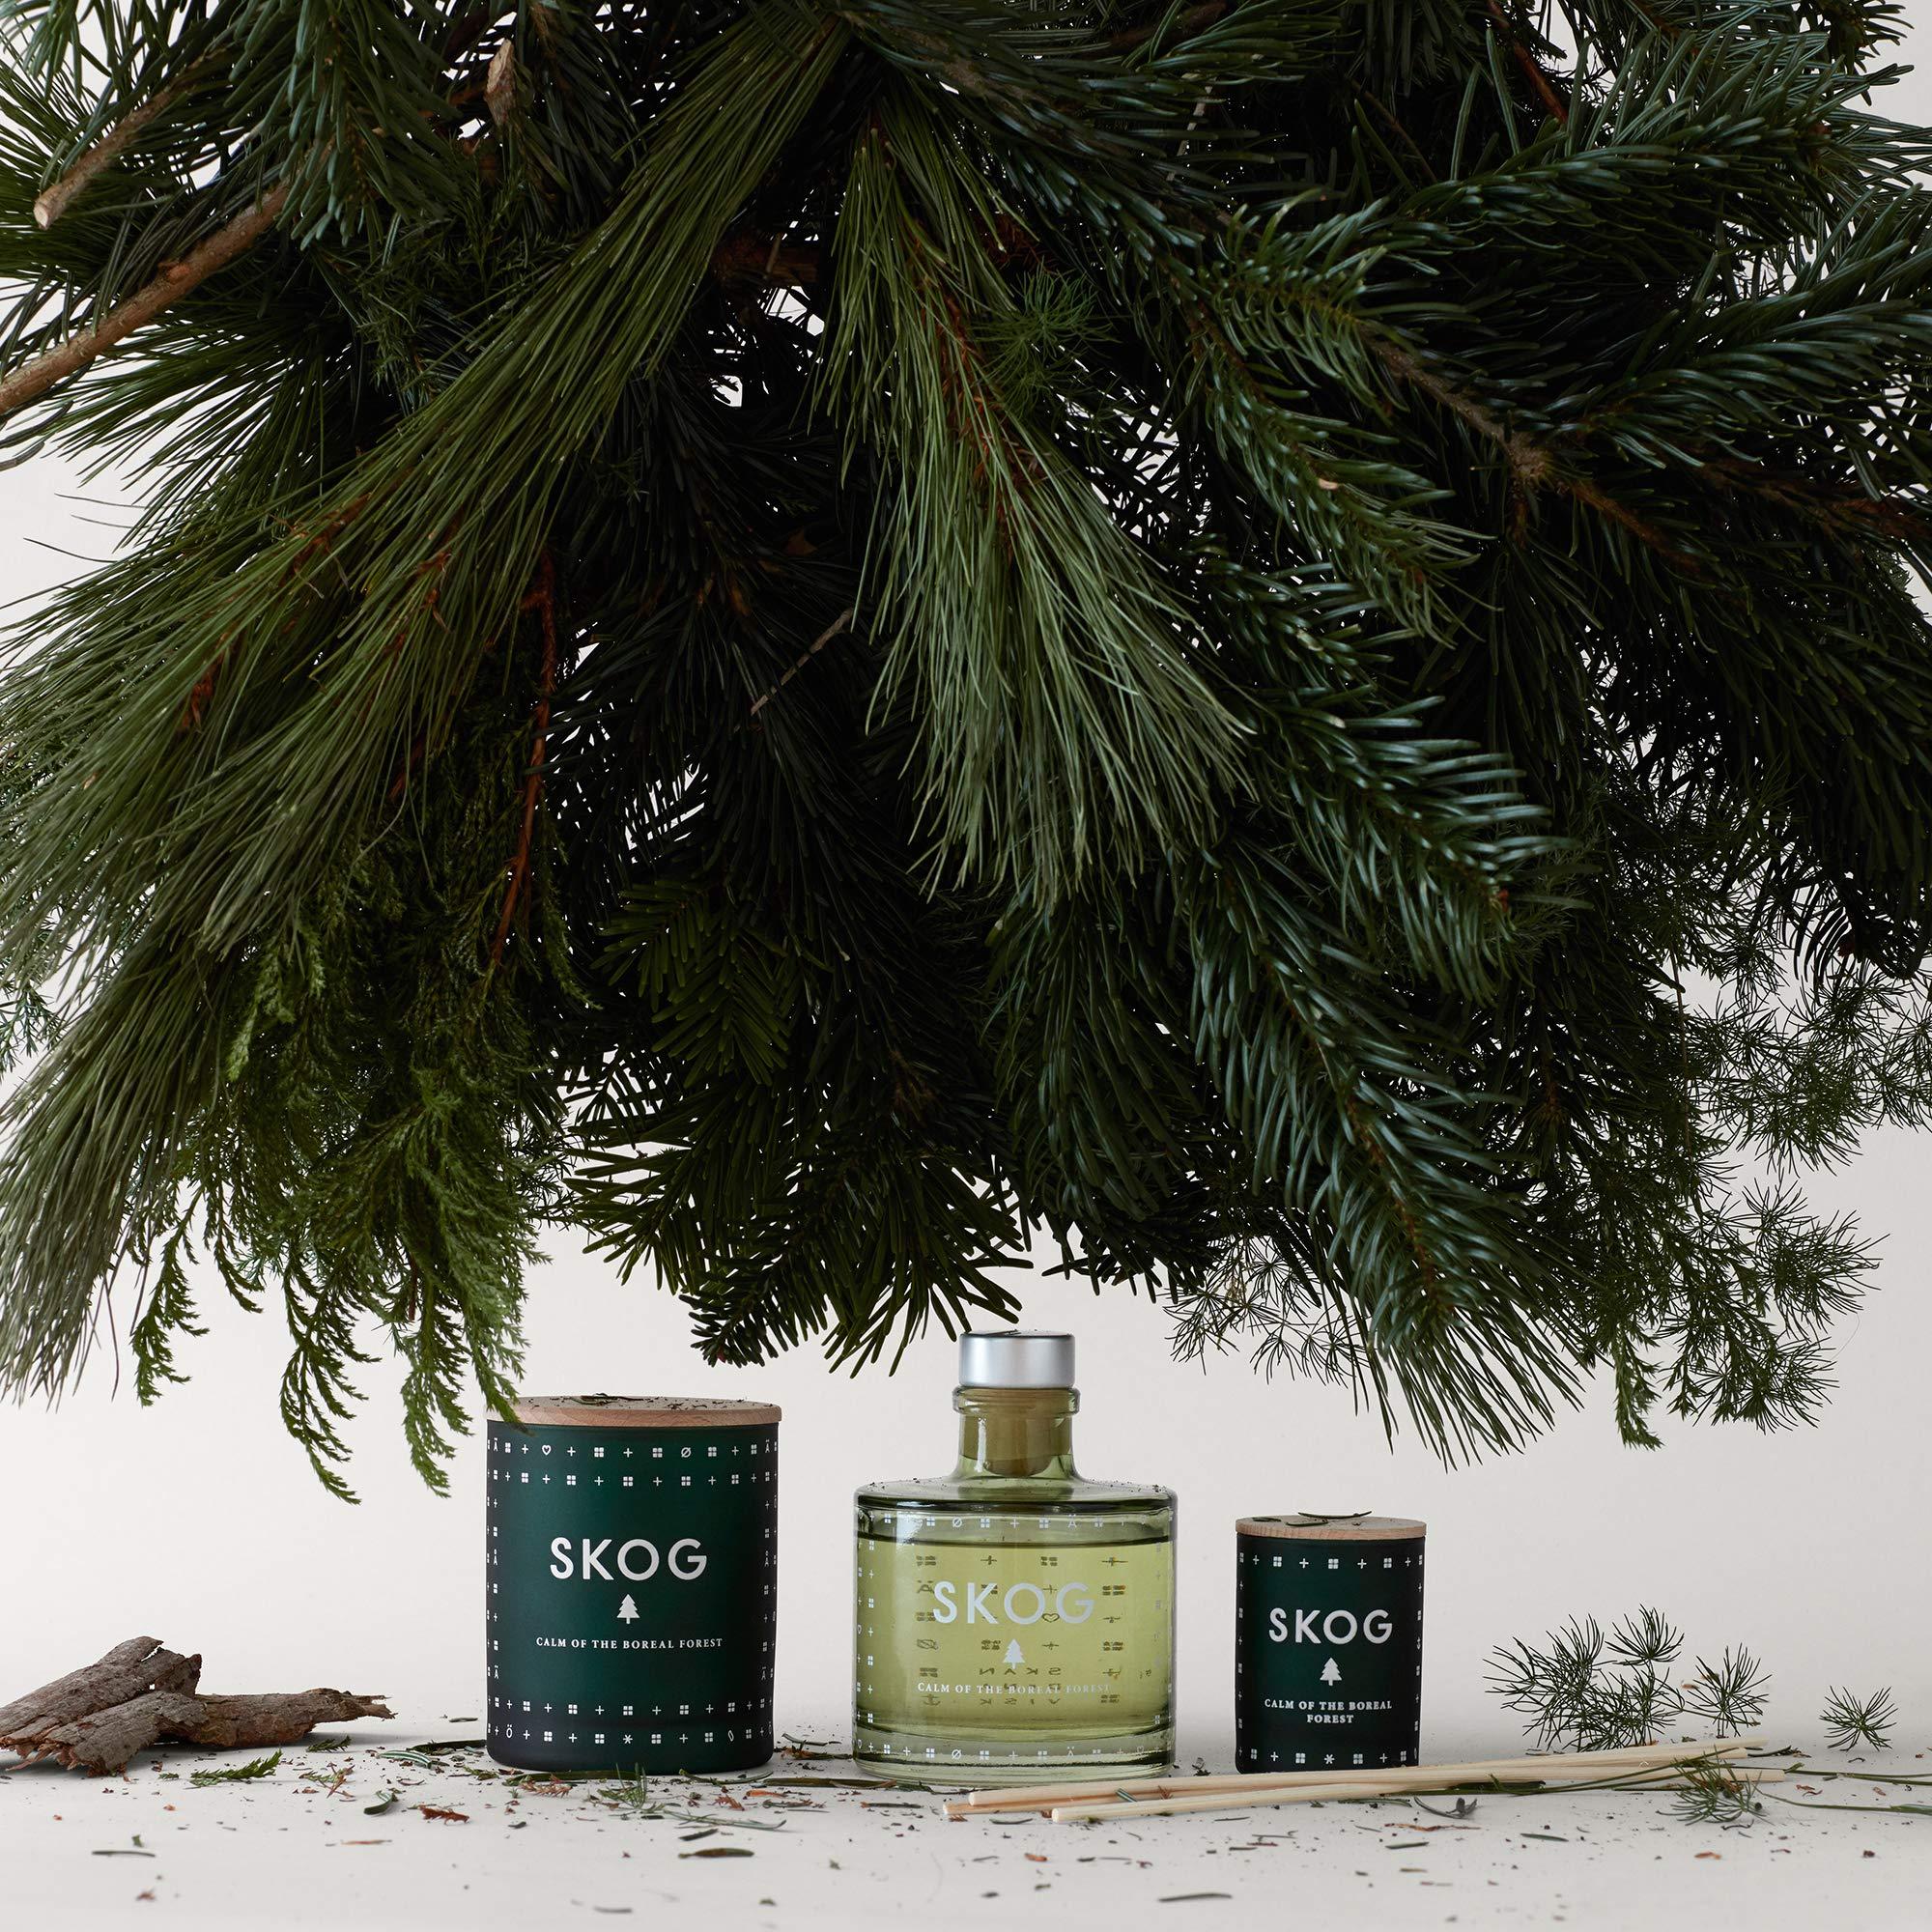 SKANDINAVISK Skog (Forest) Scent Diffuser 6.75 Fl Oz by SKAN D · NA VISK (Image #3)